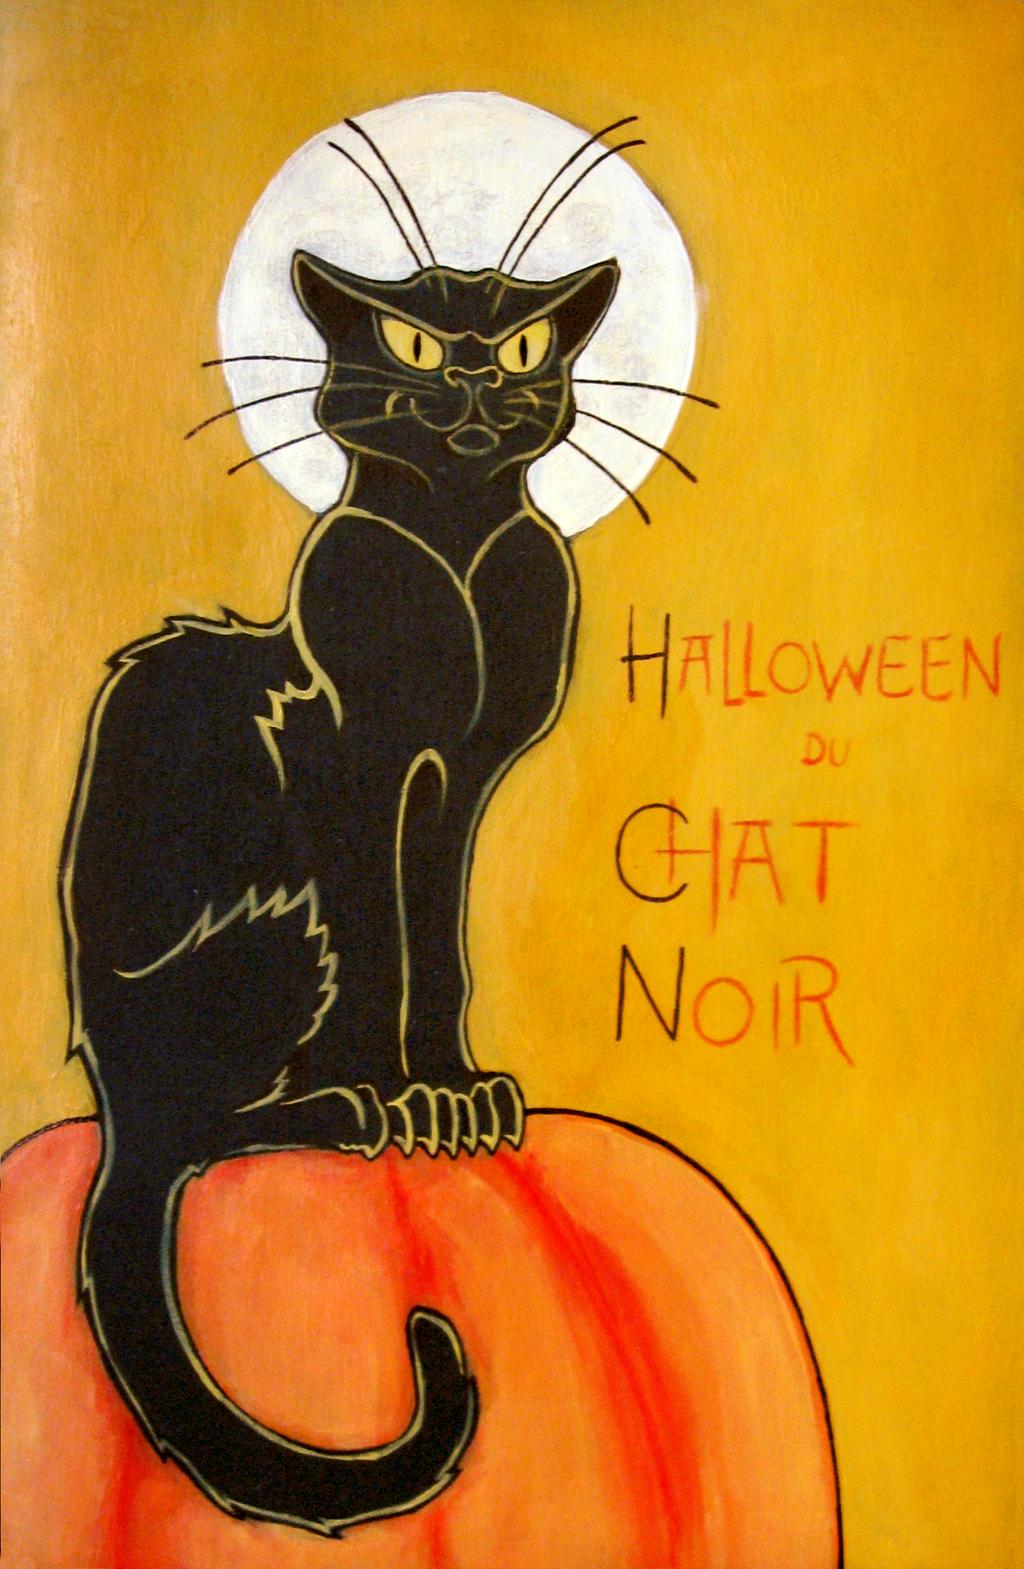 halloween du chat noirunistar2000 on deviantart